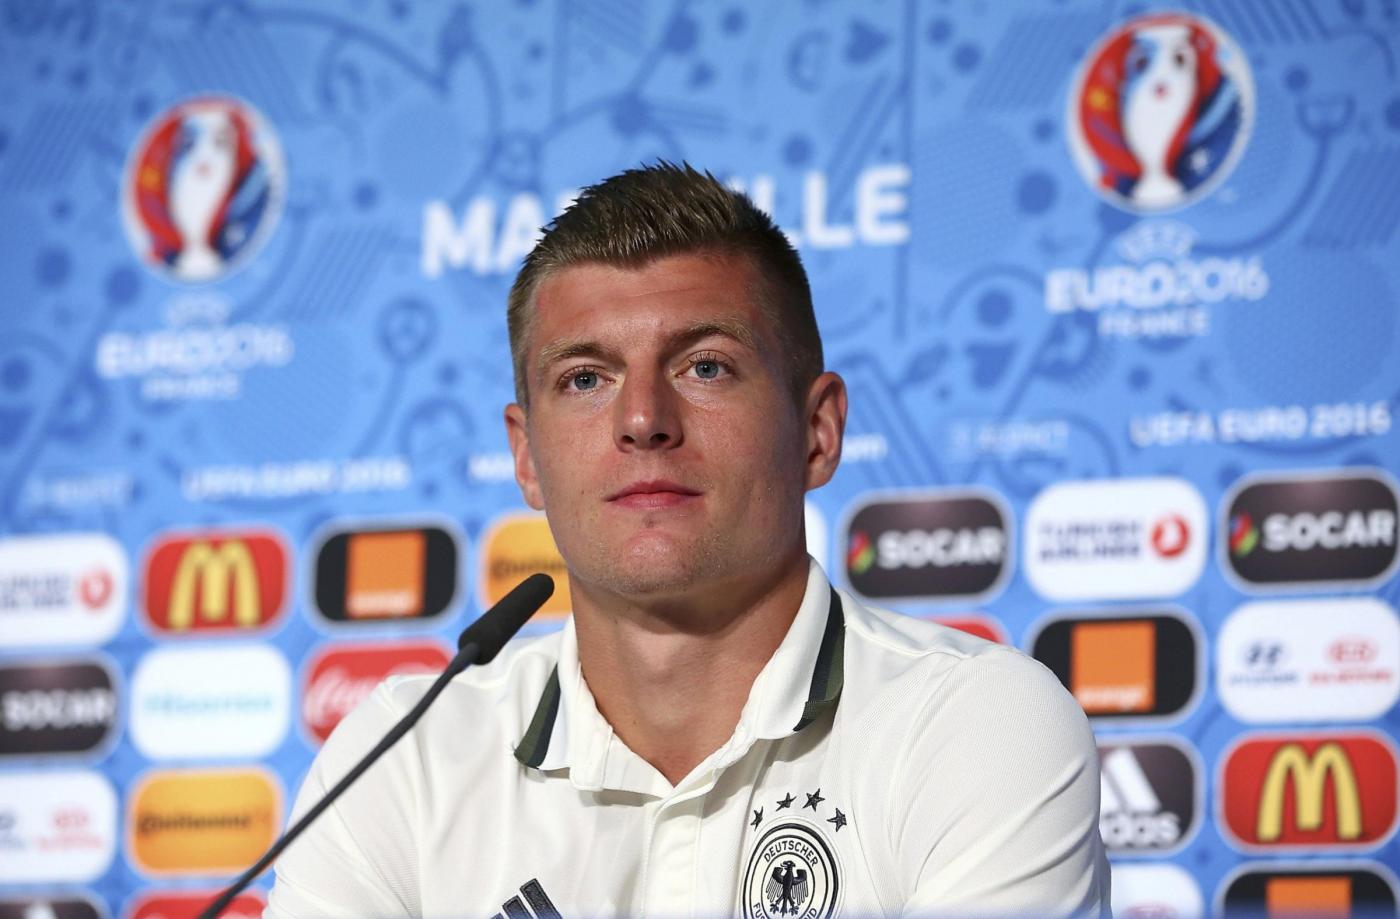 EURO 2016, la Germania a Marsiglia per la semifinale con la Francia